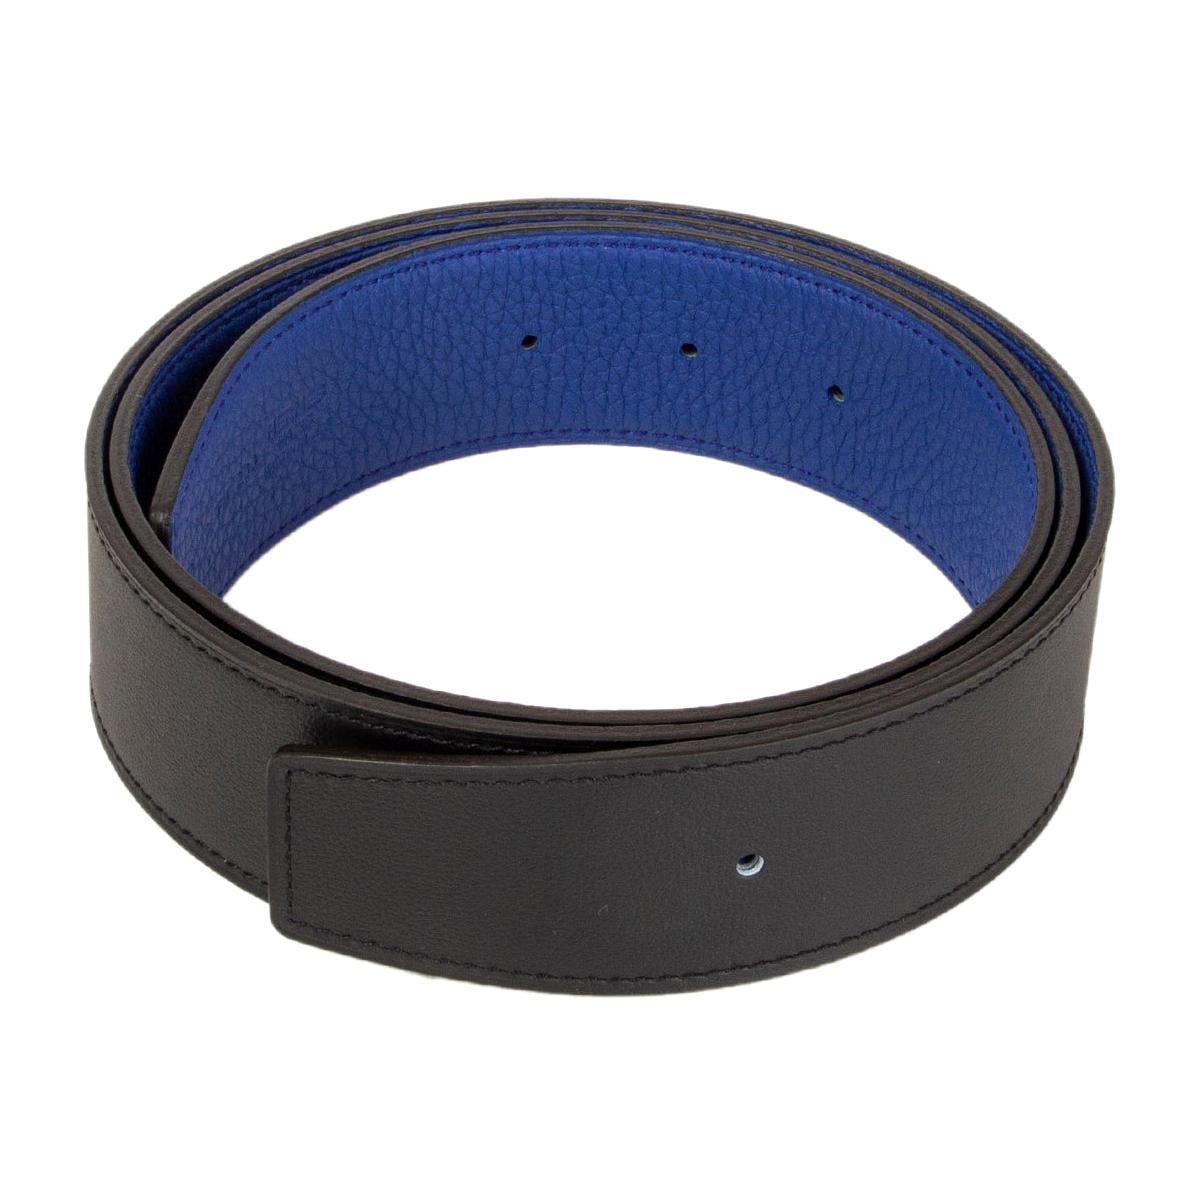 HERMES black & Electric blue Reversible Belt Strap 95